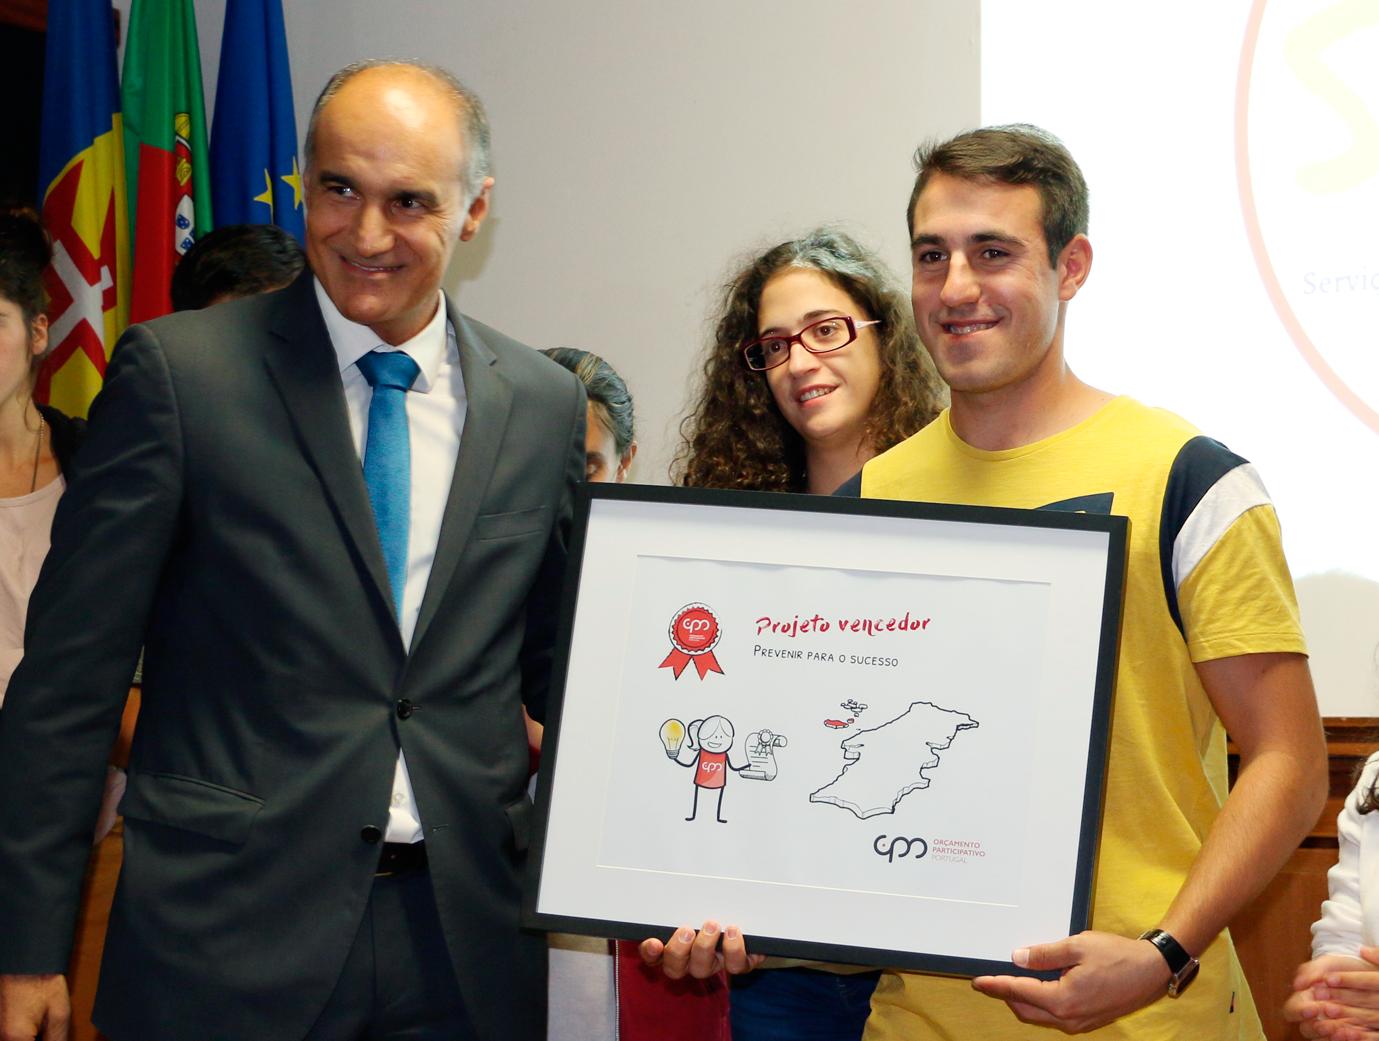 """""""Prevenir para o sucesso"""" premiado com 50 mil euros"""